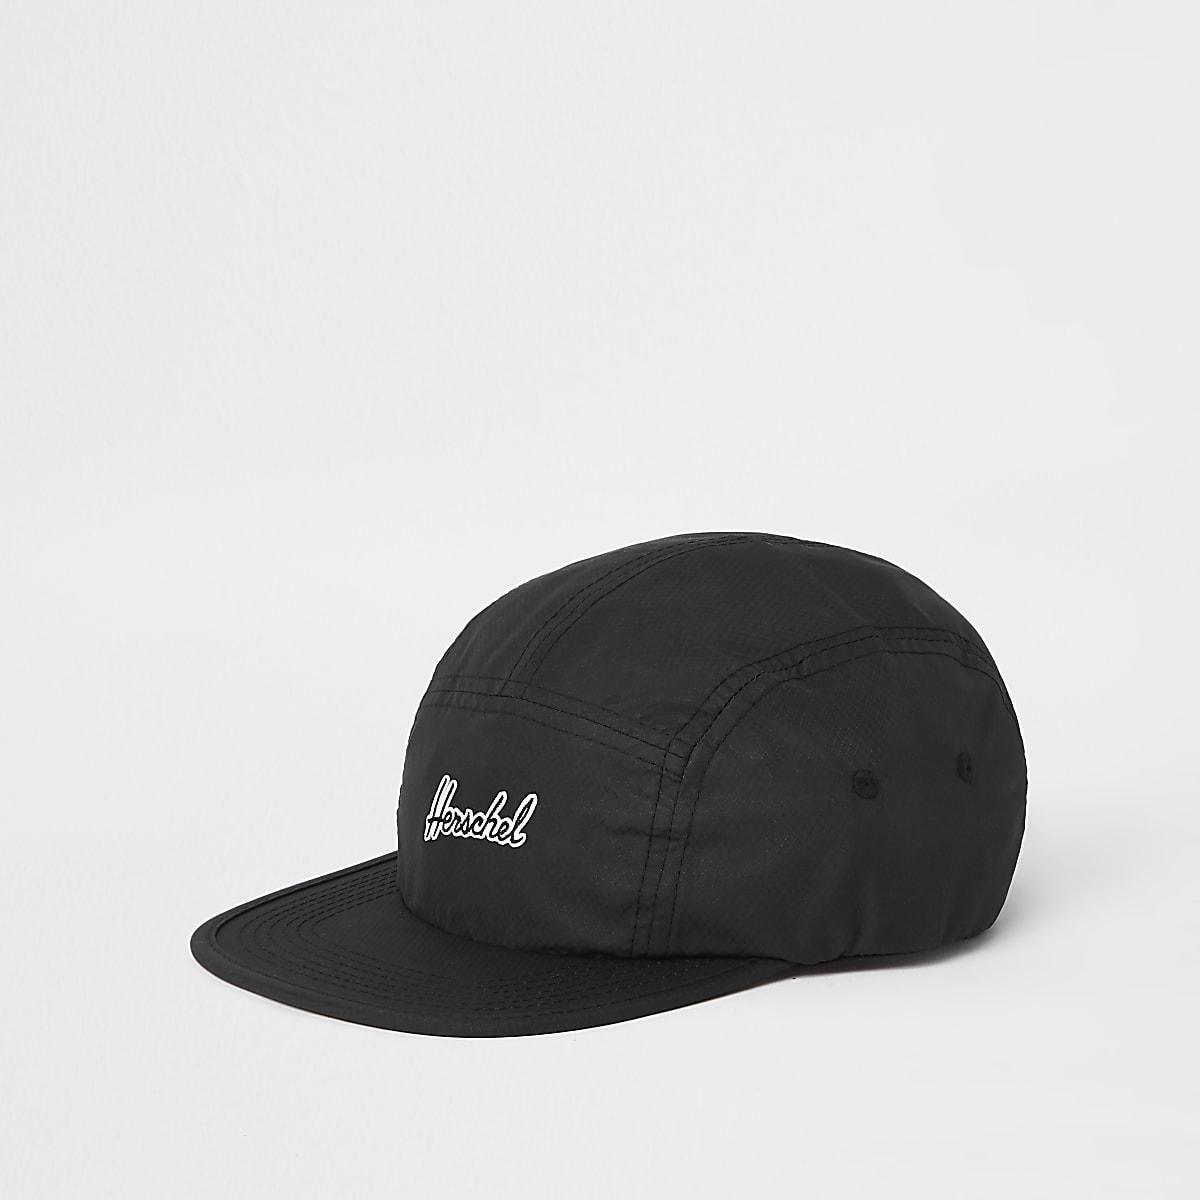 Herschel black Glendale cap